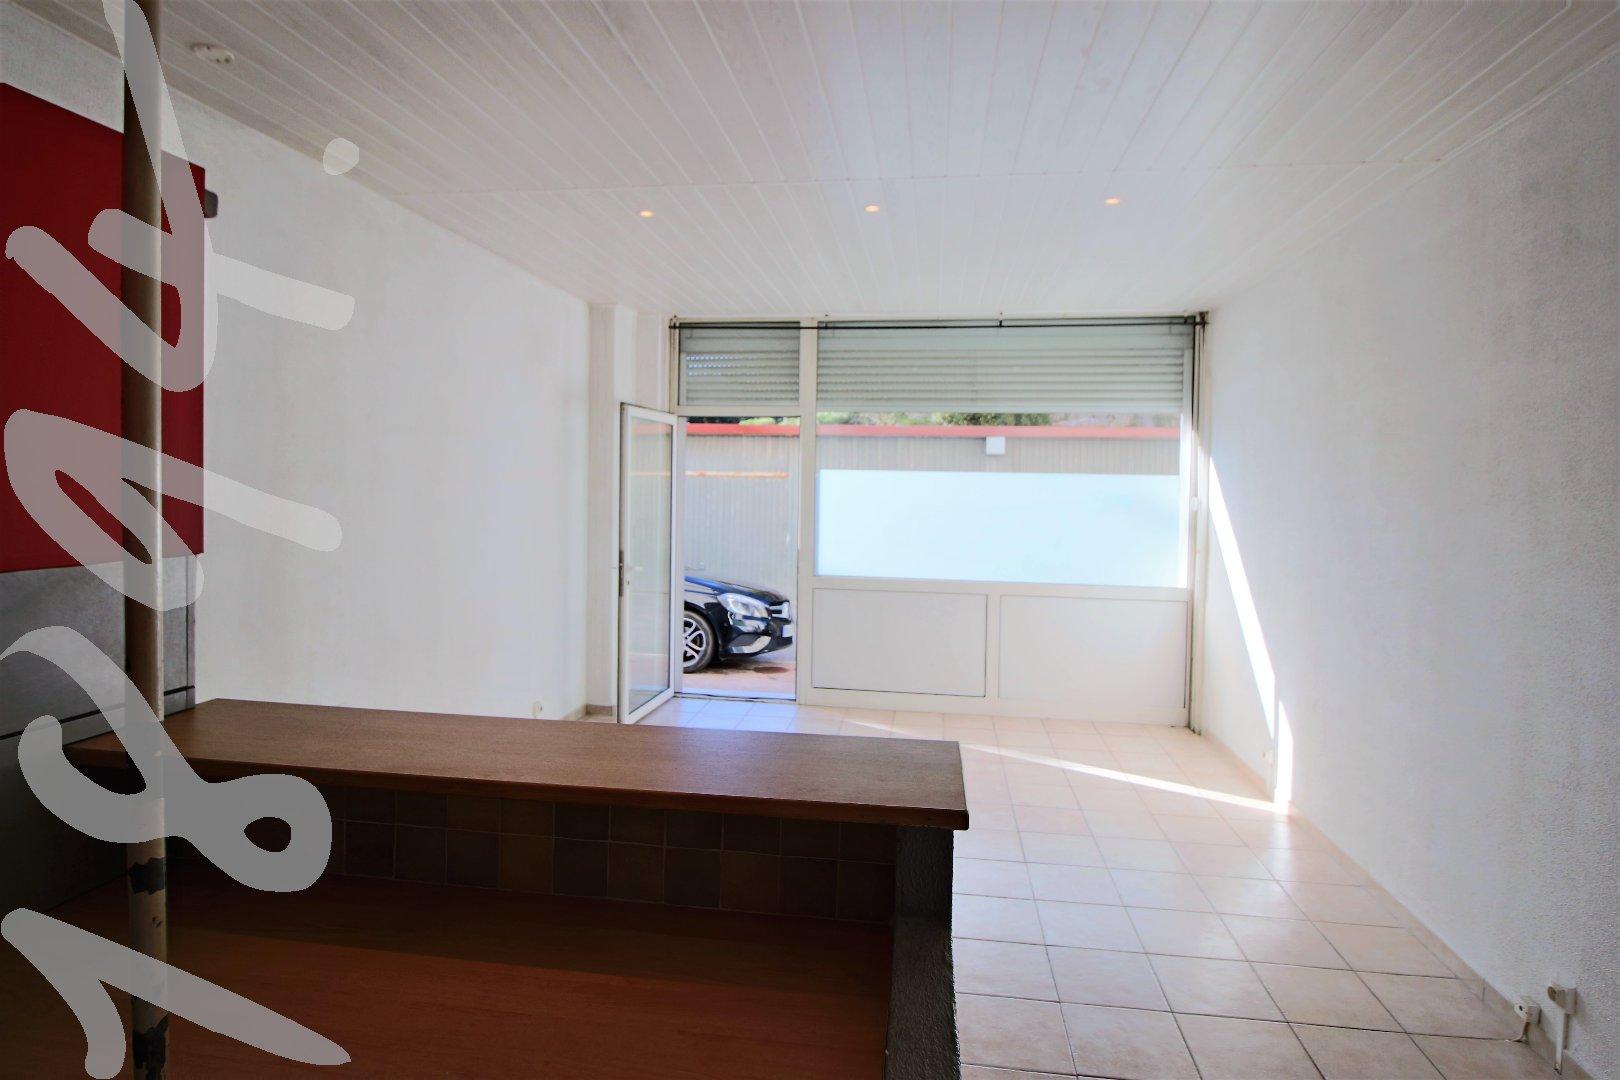 EXCLUSIVITE Carnoux vente appartement T2 de 53m2